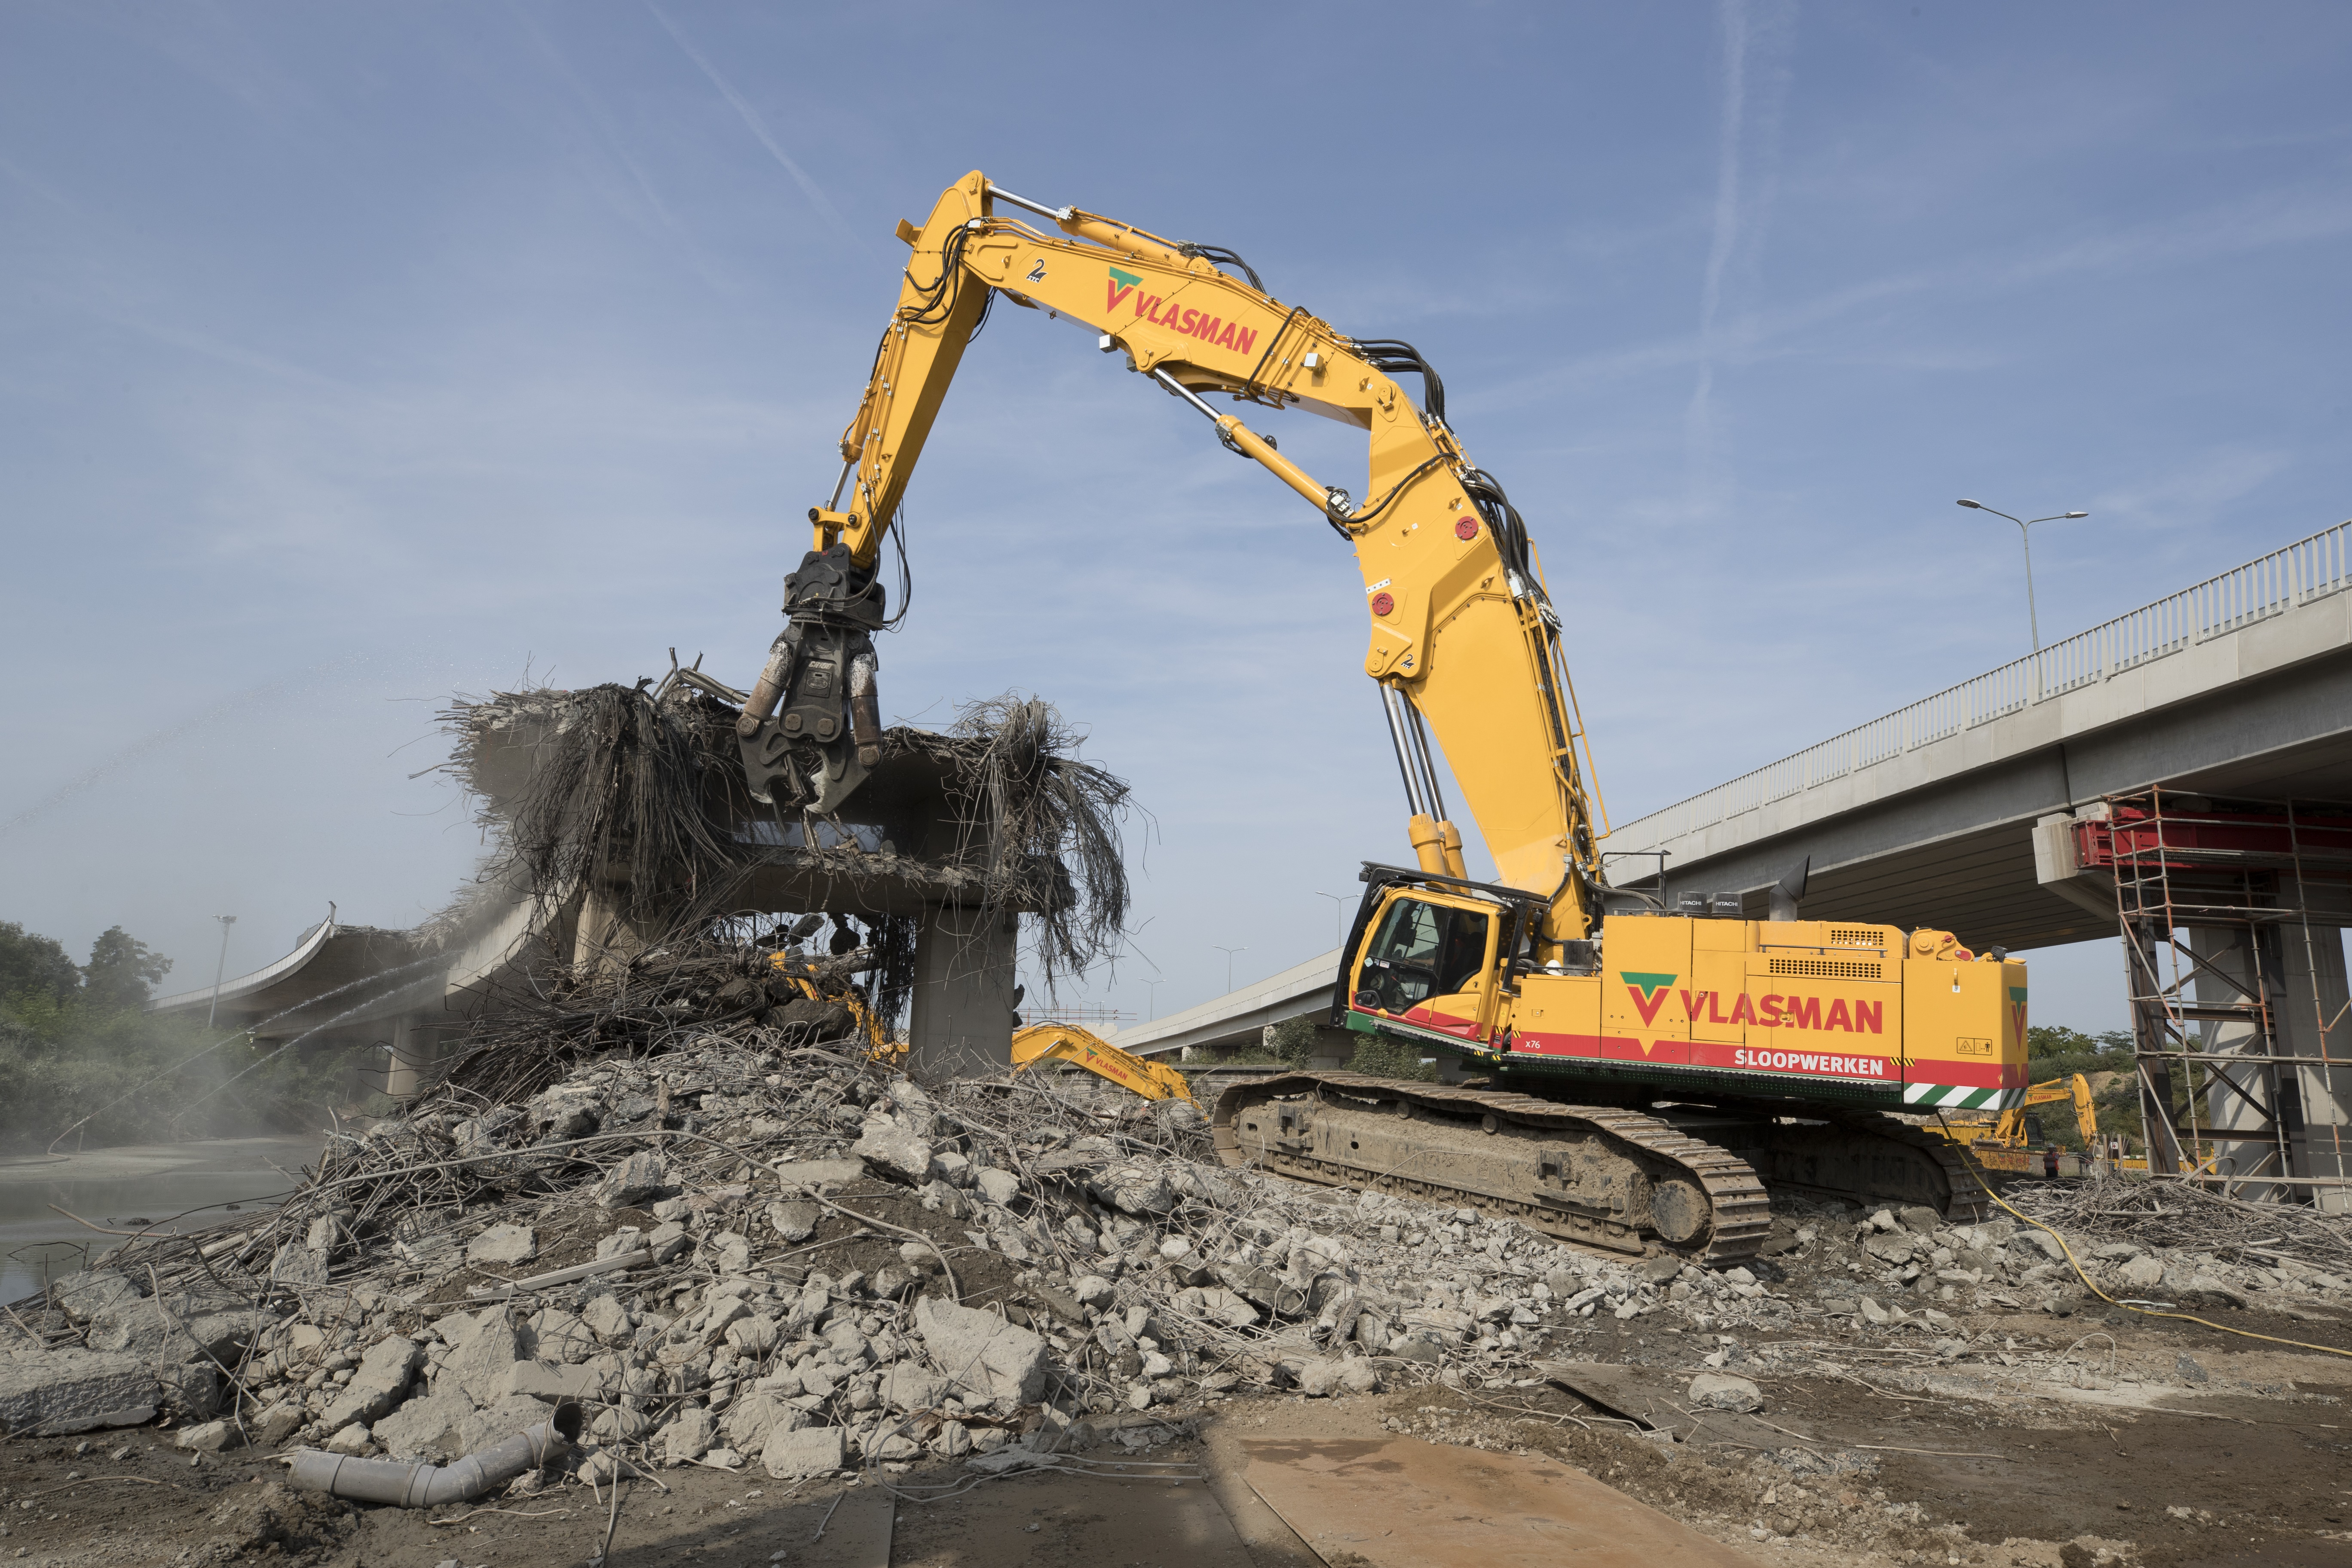 <p>250817, Maastricht: Vlasman sloopt de oude aanlanding van de Noorderbrug in Maastricht met diverse machines. Foto: Marcel van Hoorn.</p>